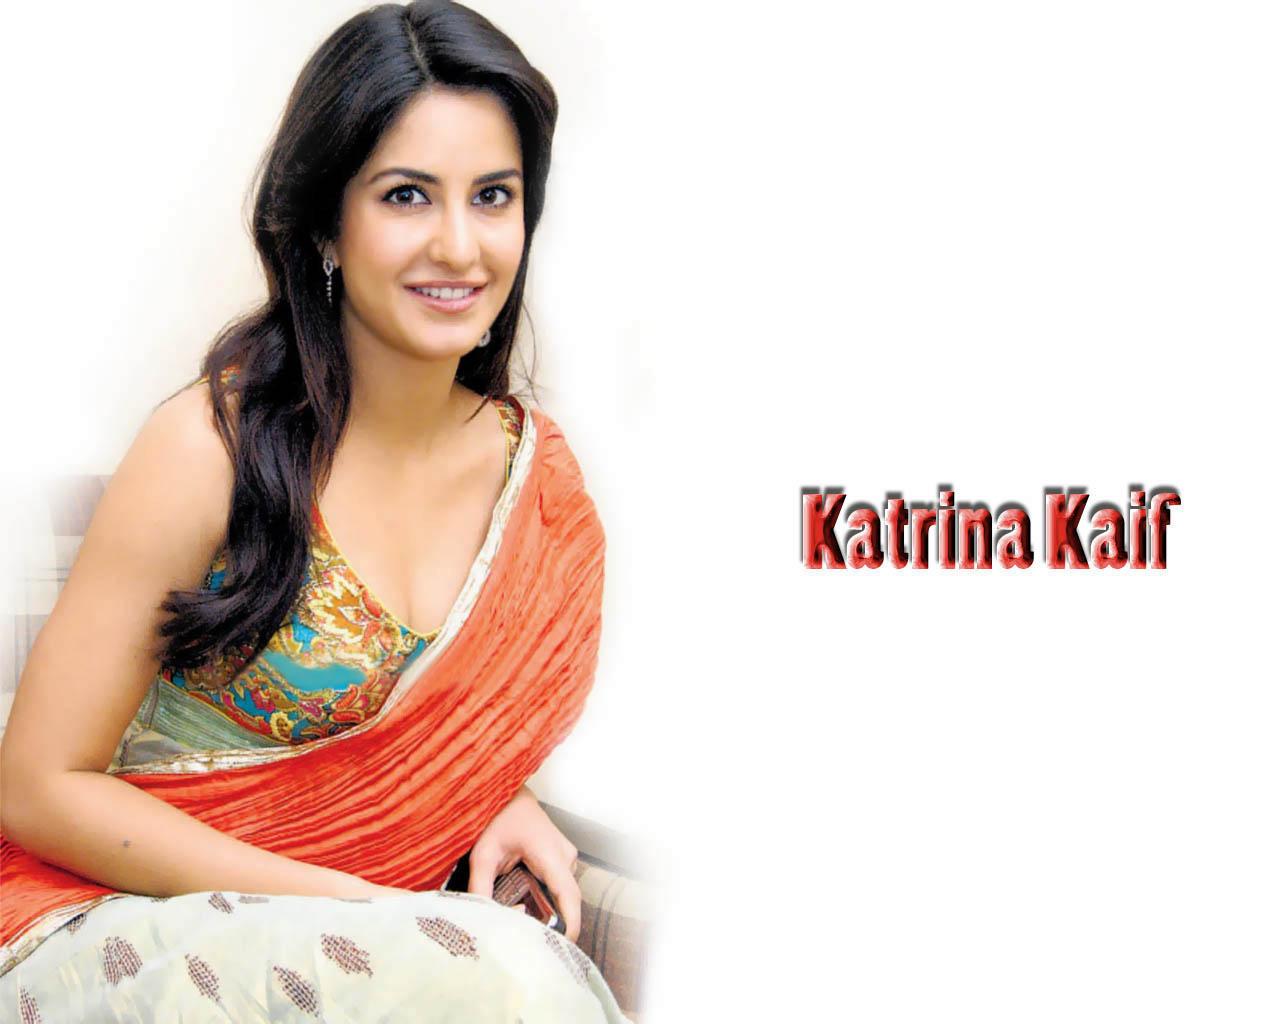 katrina kaif bollywood girl (73 wallpapers) – wallpapers hd